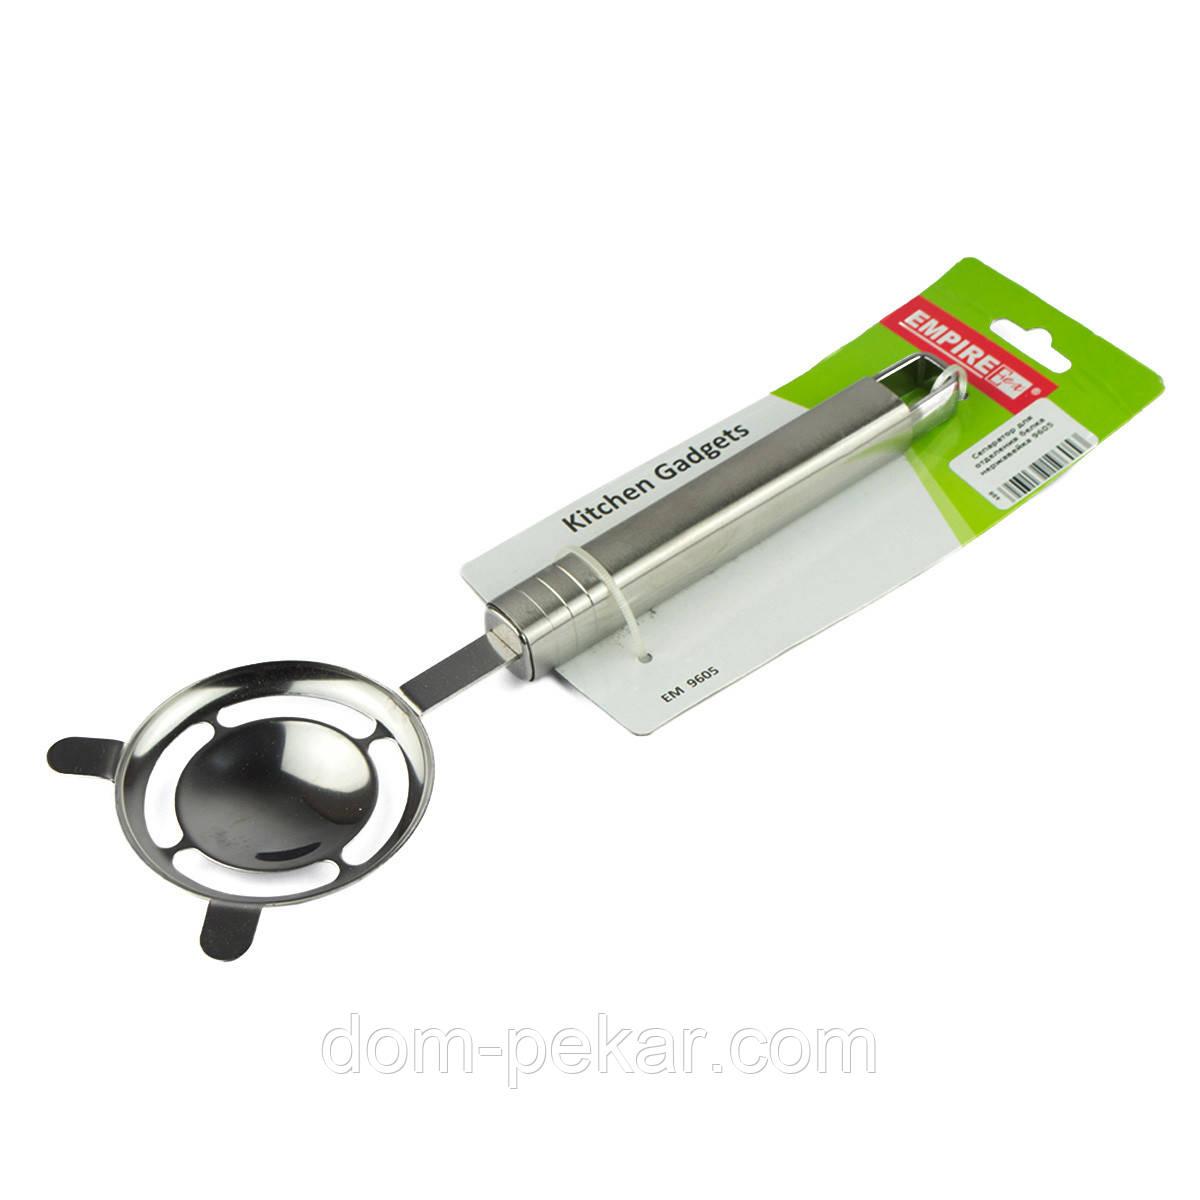 Сепаратор для отделения белка